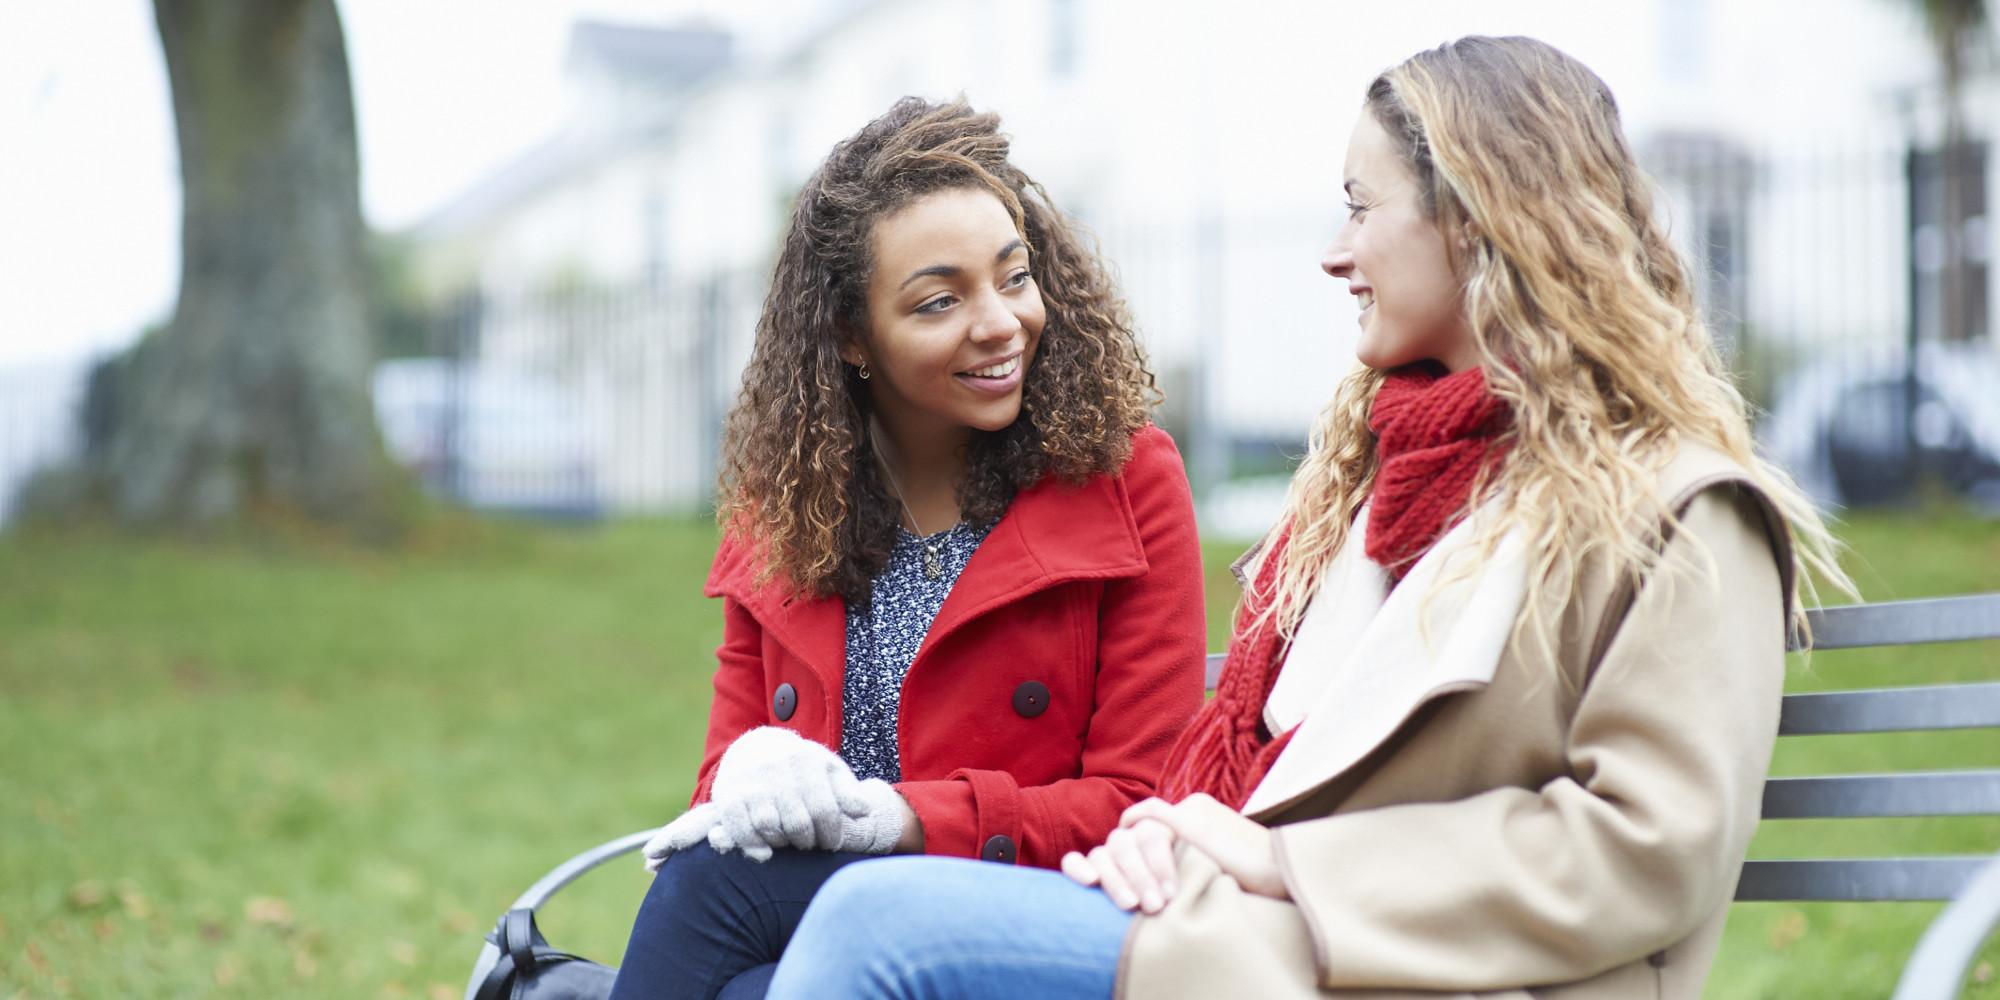 آموزش مکالمه غیر رسمی بین دو دوست به زبان فرانسه